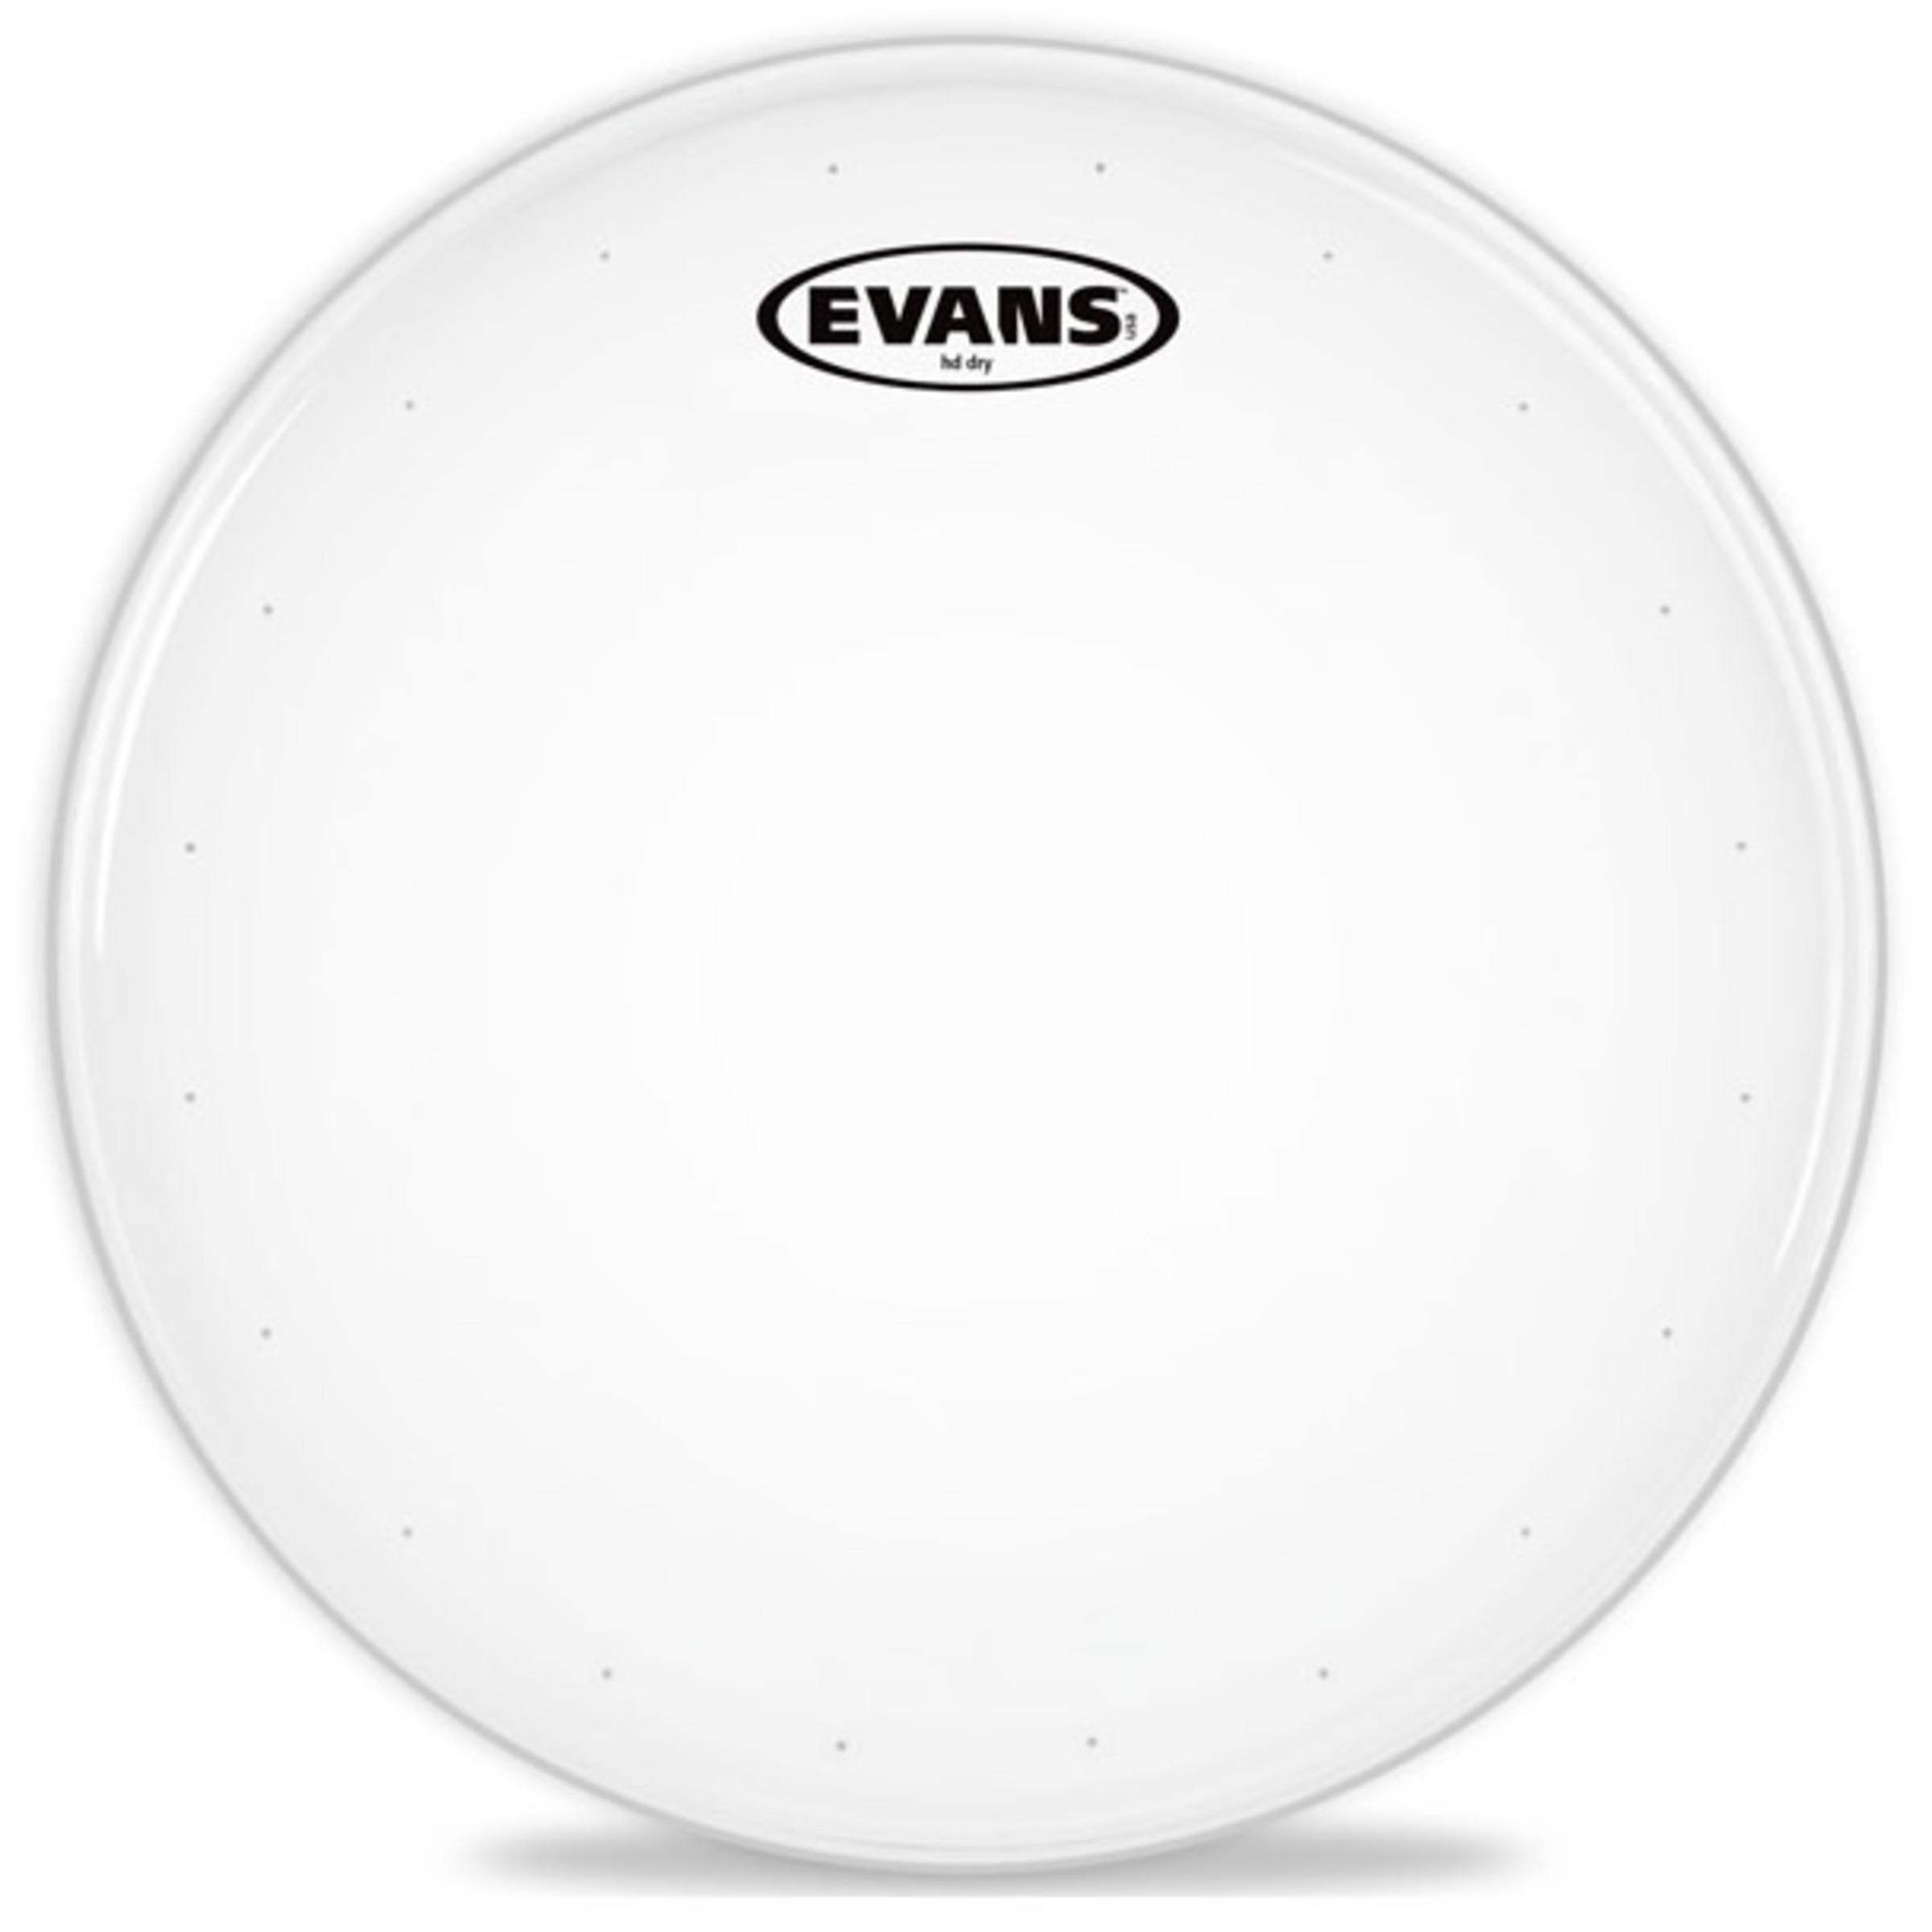 evans genera hd dry snare batter drum head giggear. Black Bedroom Furniture Sets. Home Design Ideas